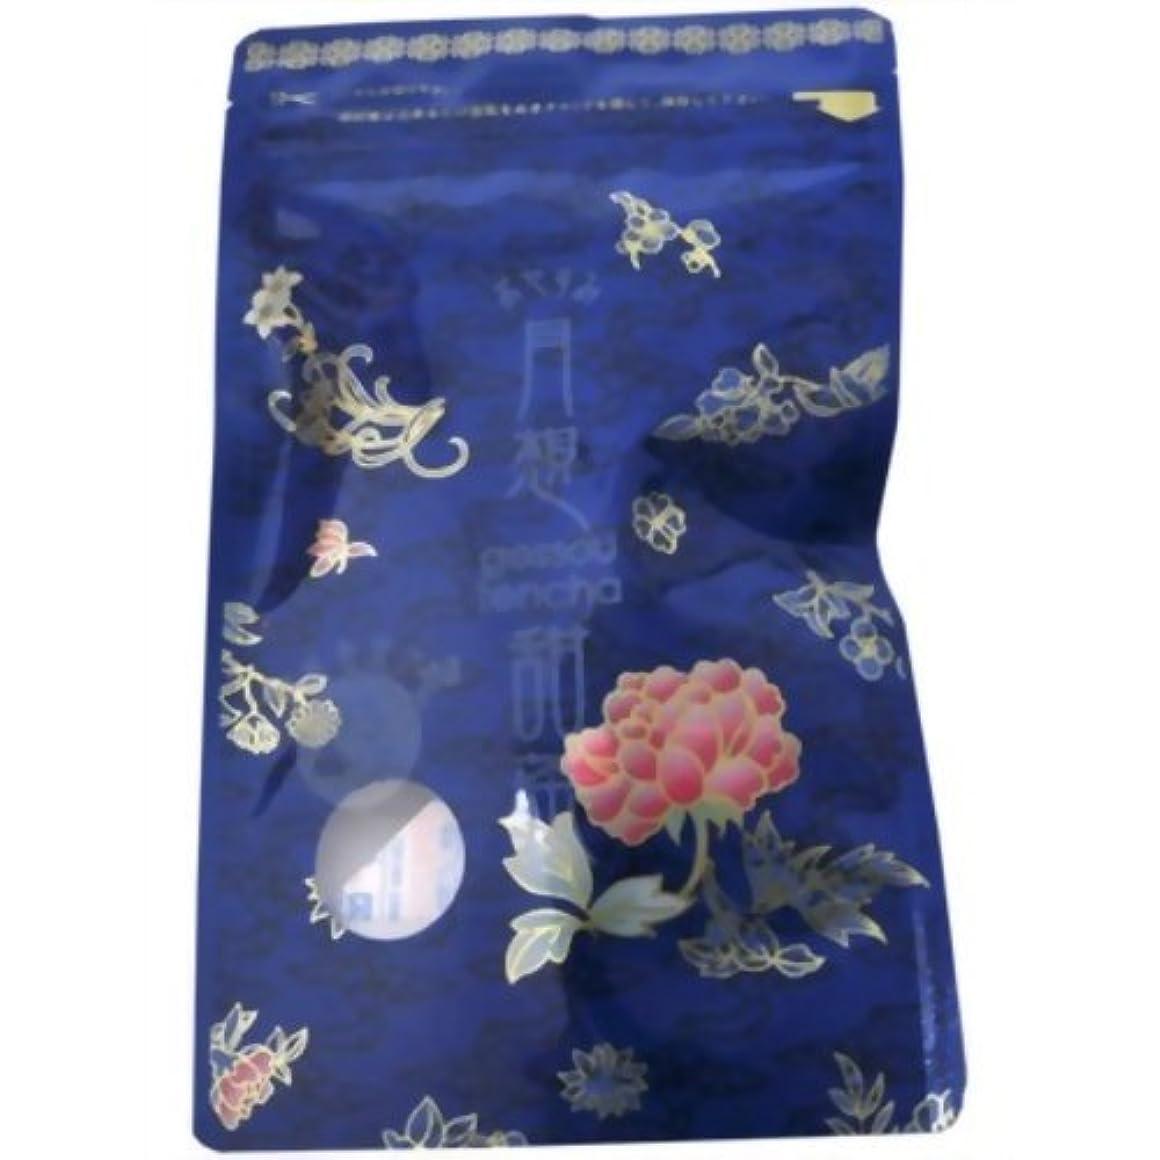 型シャッター想定するおやすみ月想甜茶 1.5gx15袋